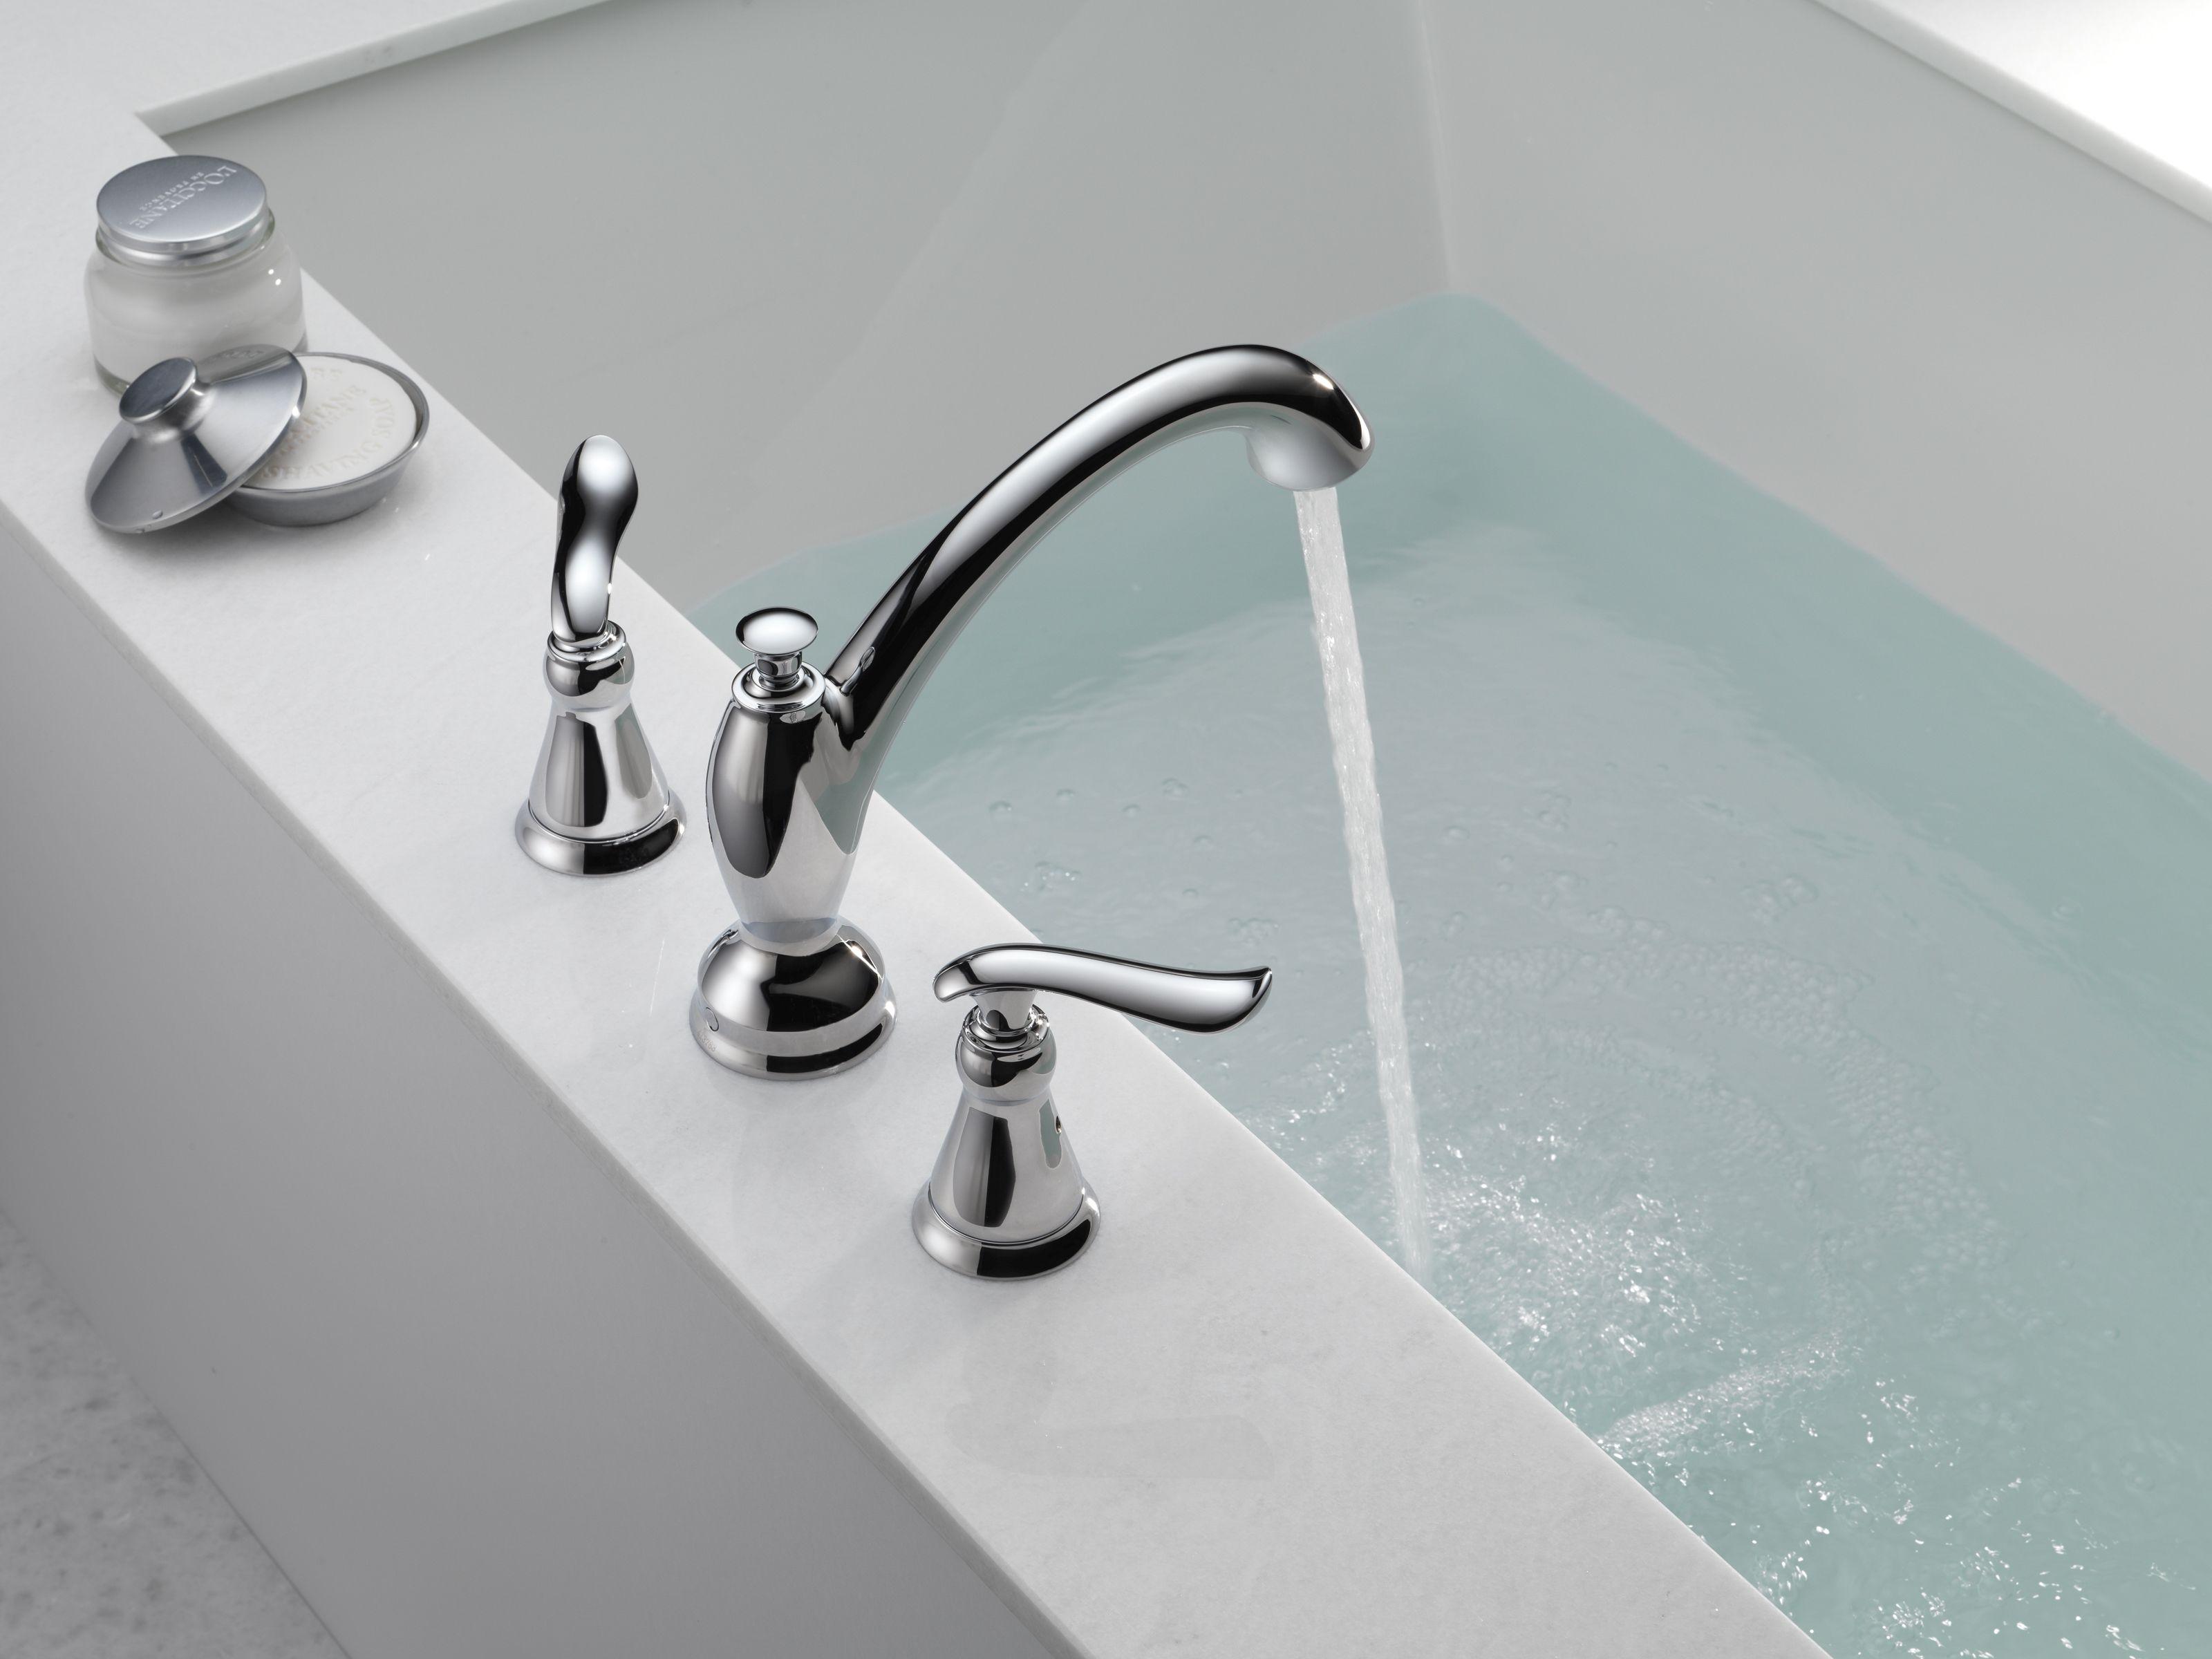 Delta T2794-RB Venetian Bronze Linden Roman Tub Faucet Trim - Faucet.com